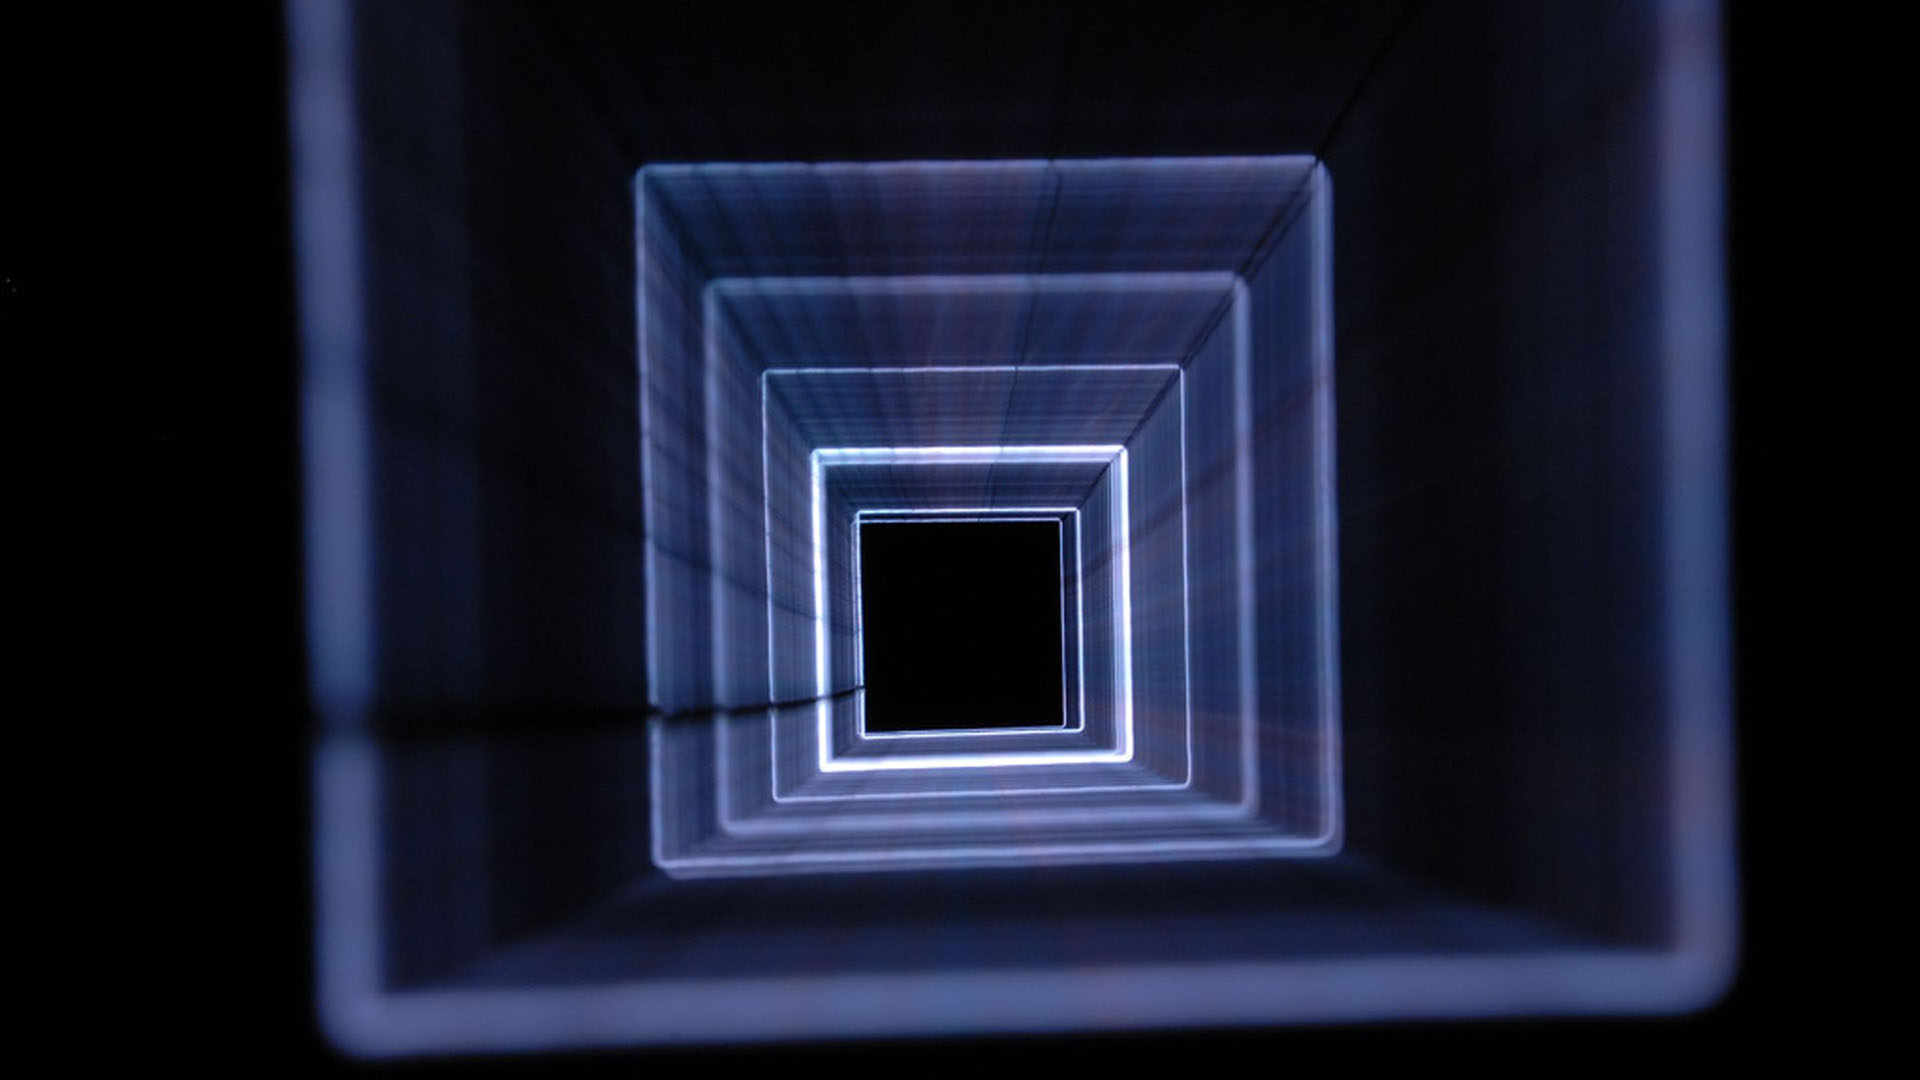 MAASS-Lichtplanung_Lichtkunst<br> Wanderausstellung__MAASS-Gallery-Without-Images-005